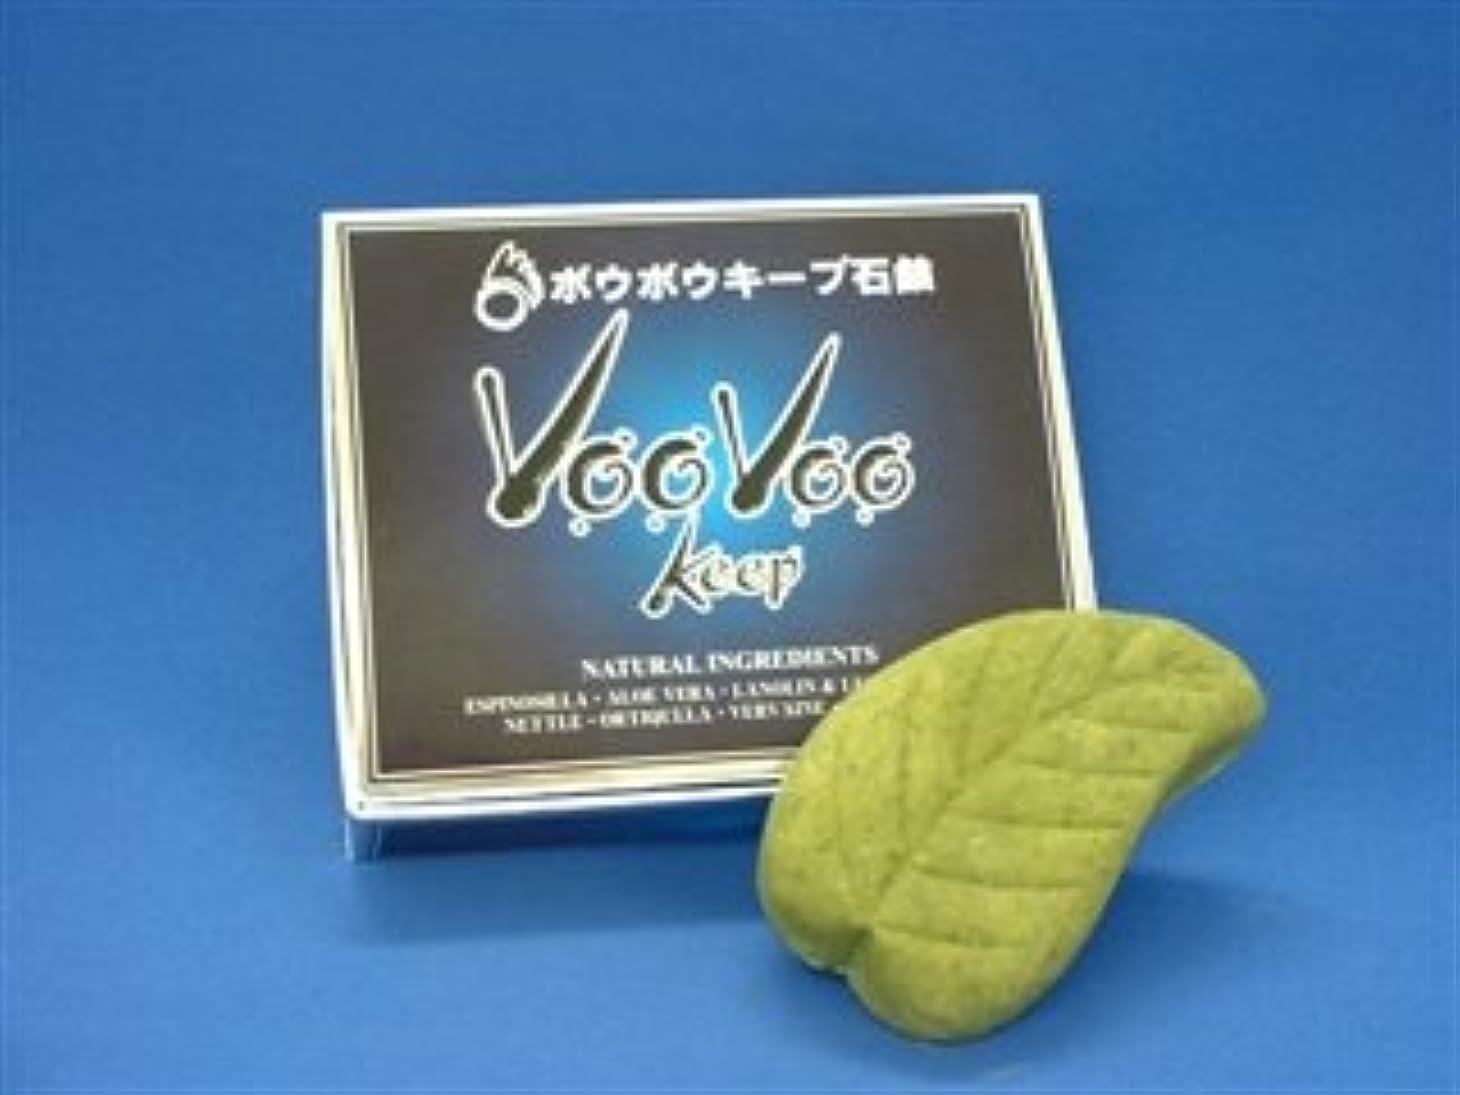 お尻嵐の主張ボウボウキープ石鹸(VooVoo keep)